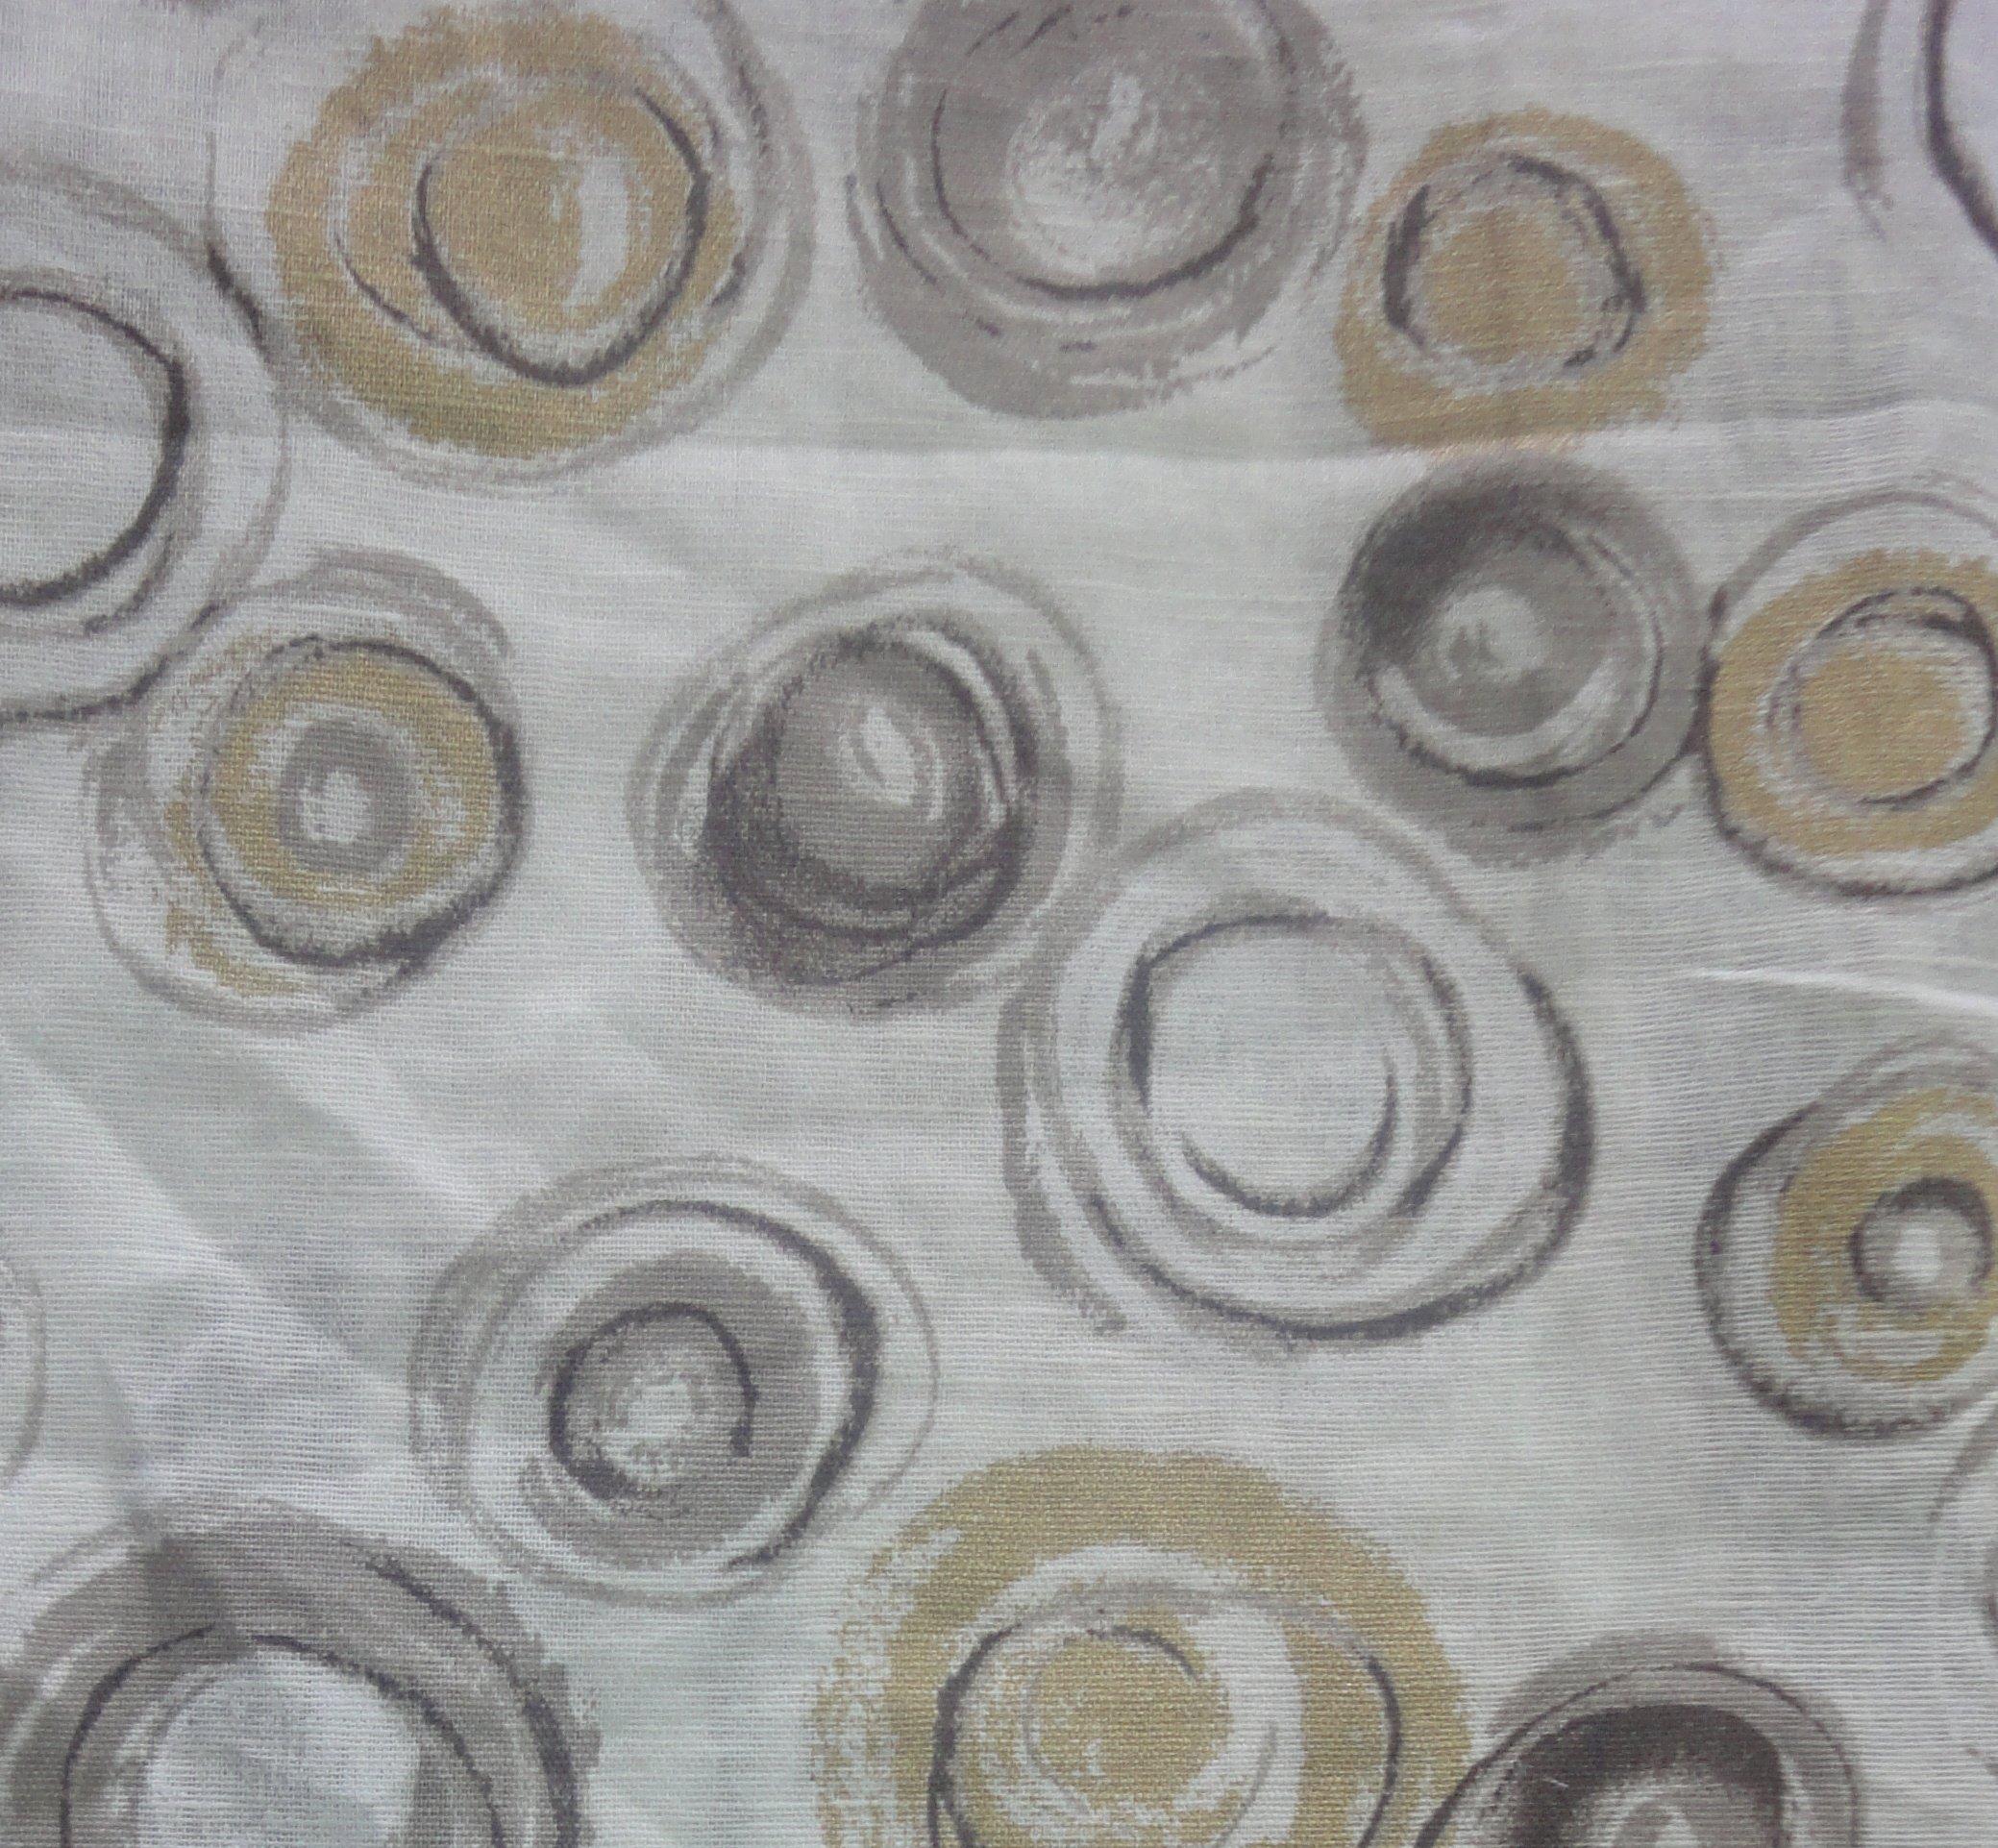 leinen flachs leinenstoffe kaufen leinen stoffe leinen stock leinen stoffe kaufen. Black Bedroom Furniture Sets. Home Design Ideas